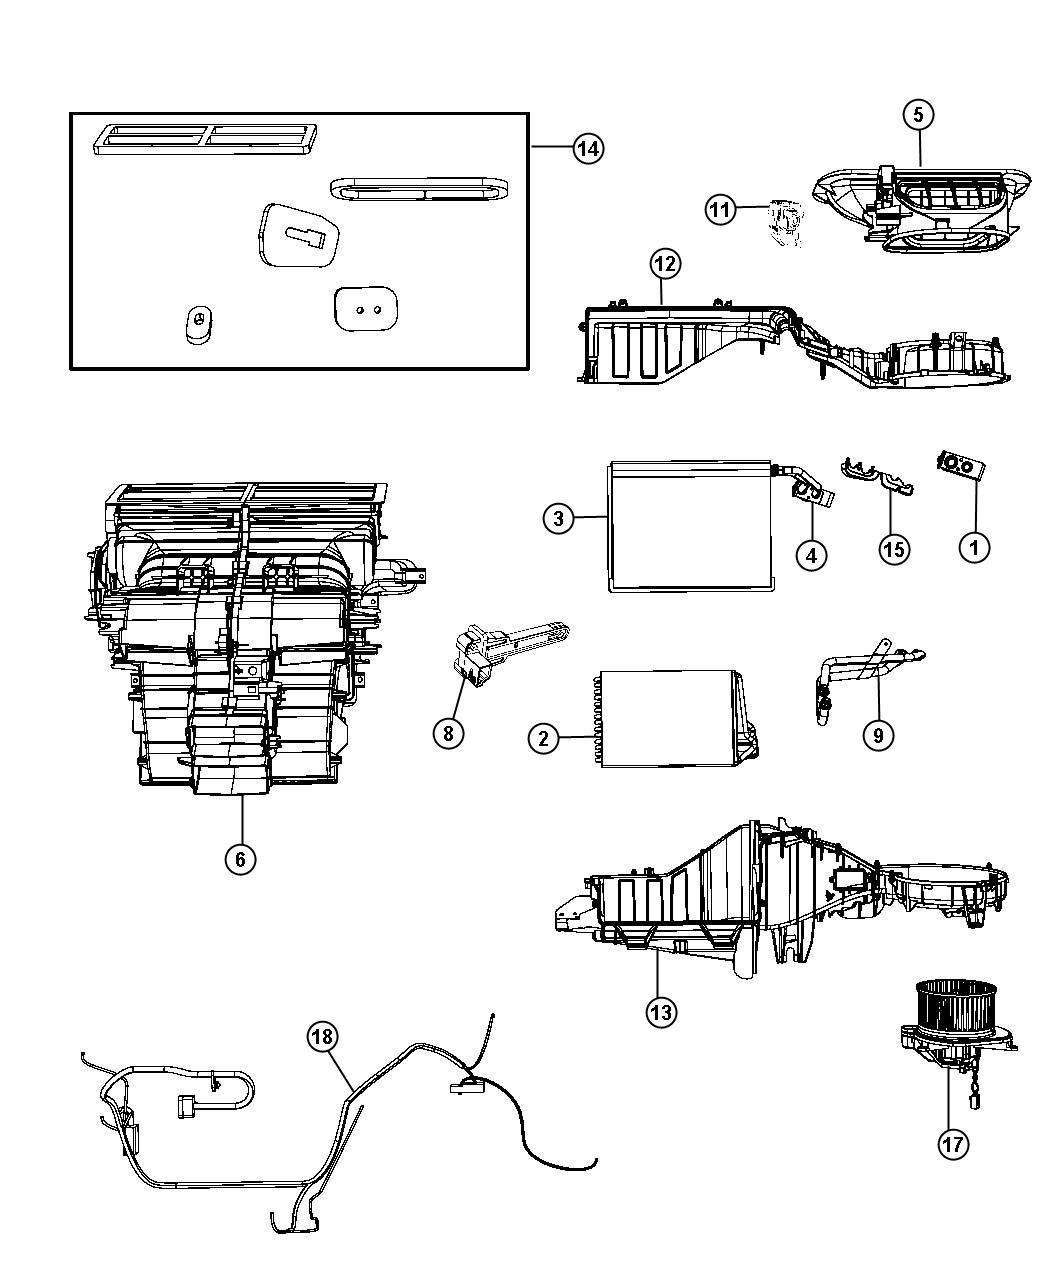 tags: #jeep cj5 heater parts#cj7 heater box#cj7 heater door#jeep cj7 heater  upgrade#cj7 heater core location#cj7 heater diagram#cj7 aftermarket heater#early